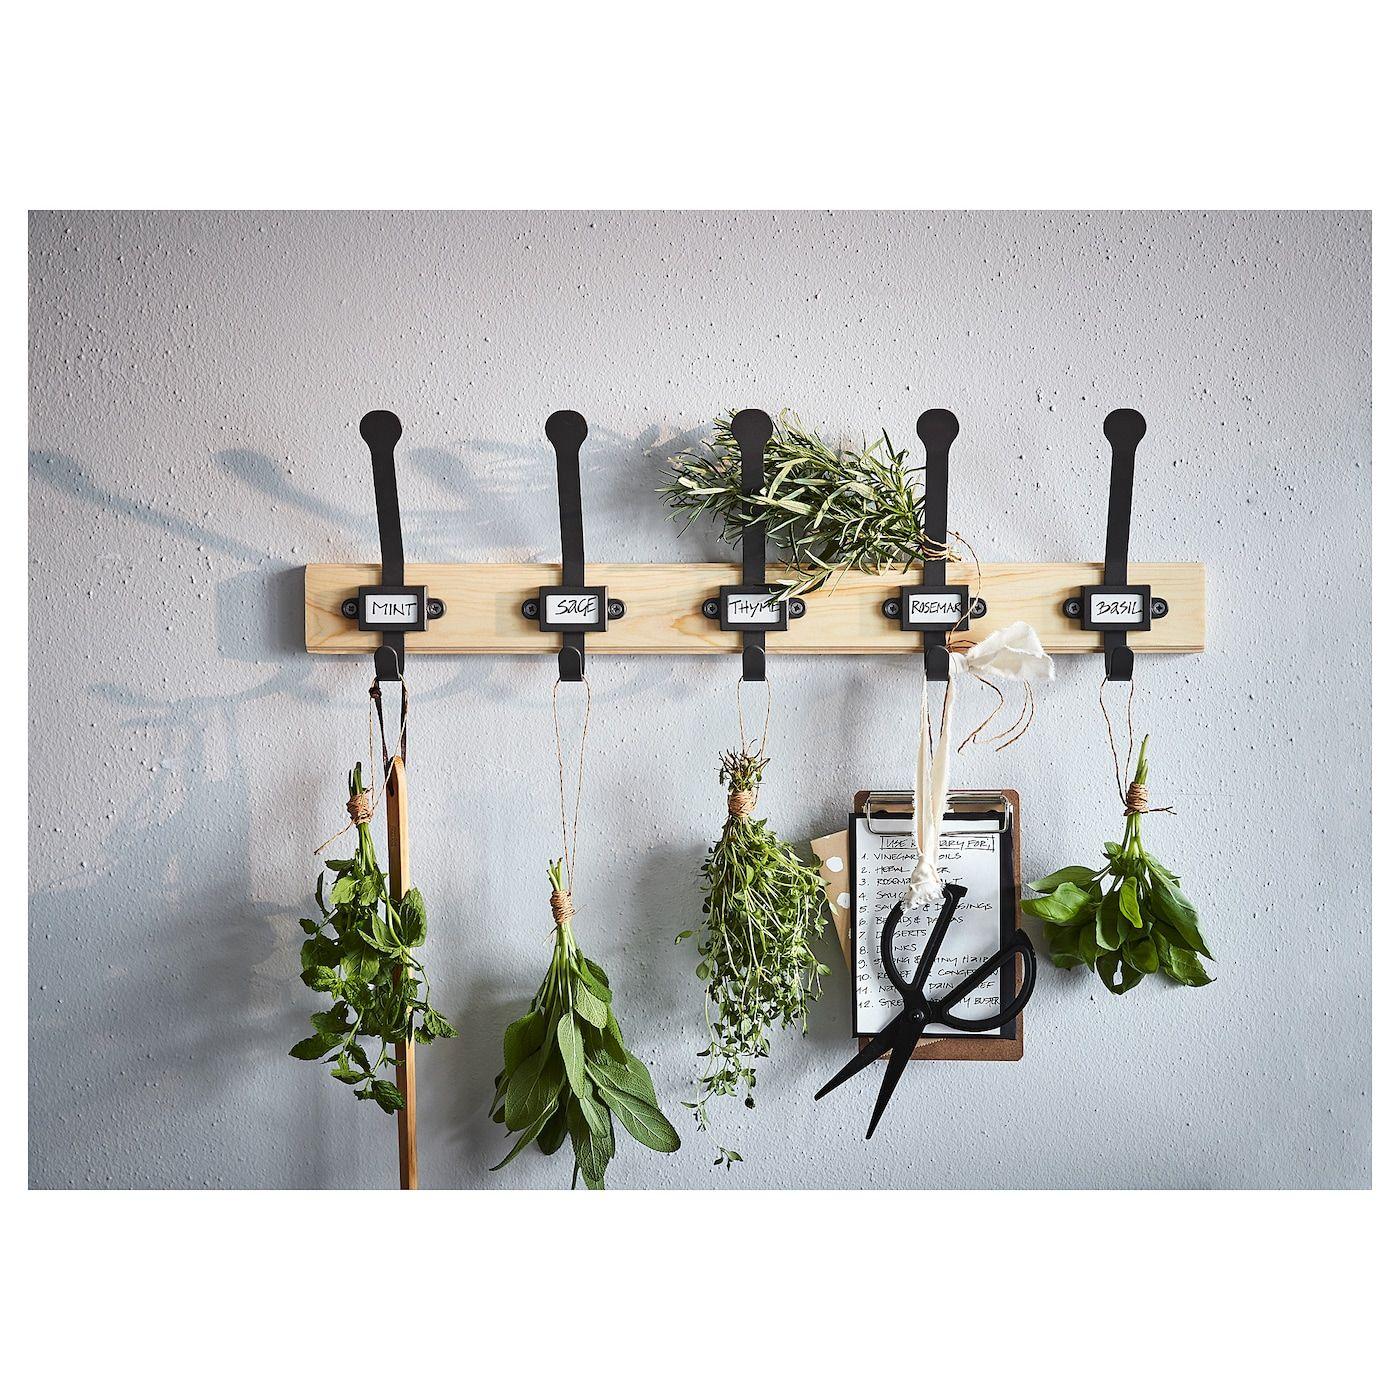 Kartotek Rack With 5 Hooks Pine Gray In 2020 Herb Drying Racks Herb Rack Hanging Herbs